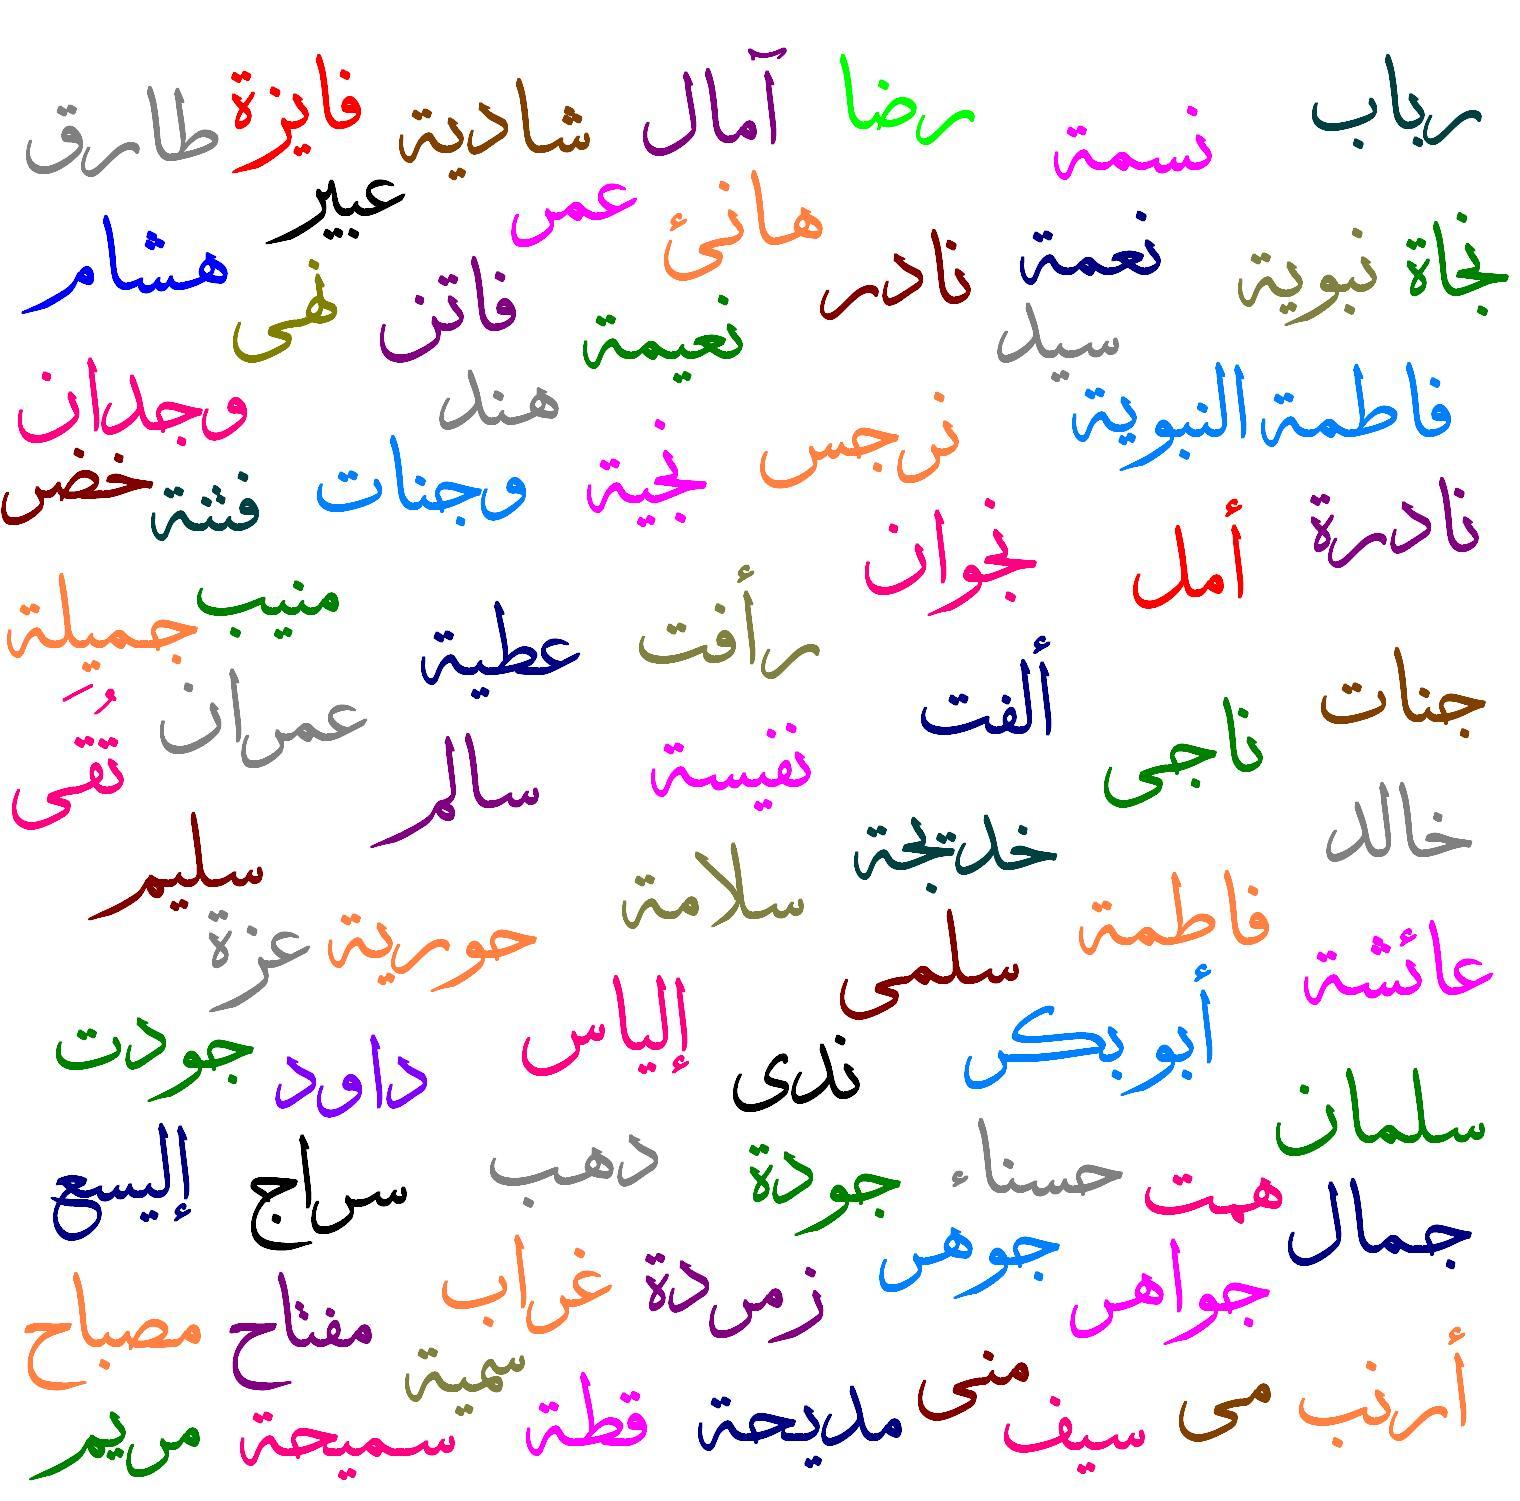 صور اسماء عربية جميلة